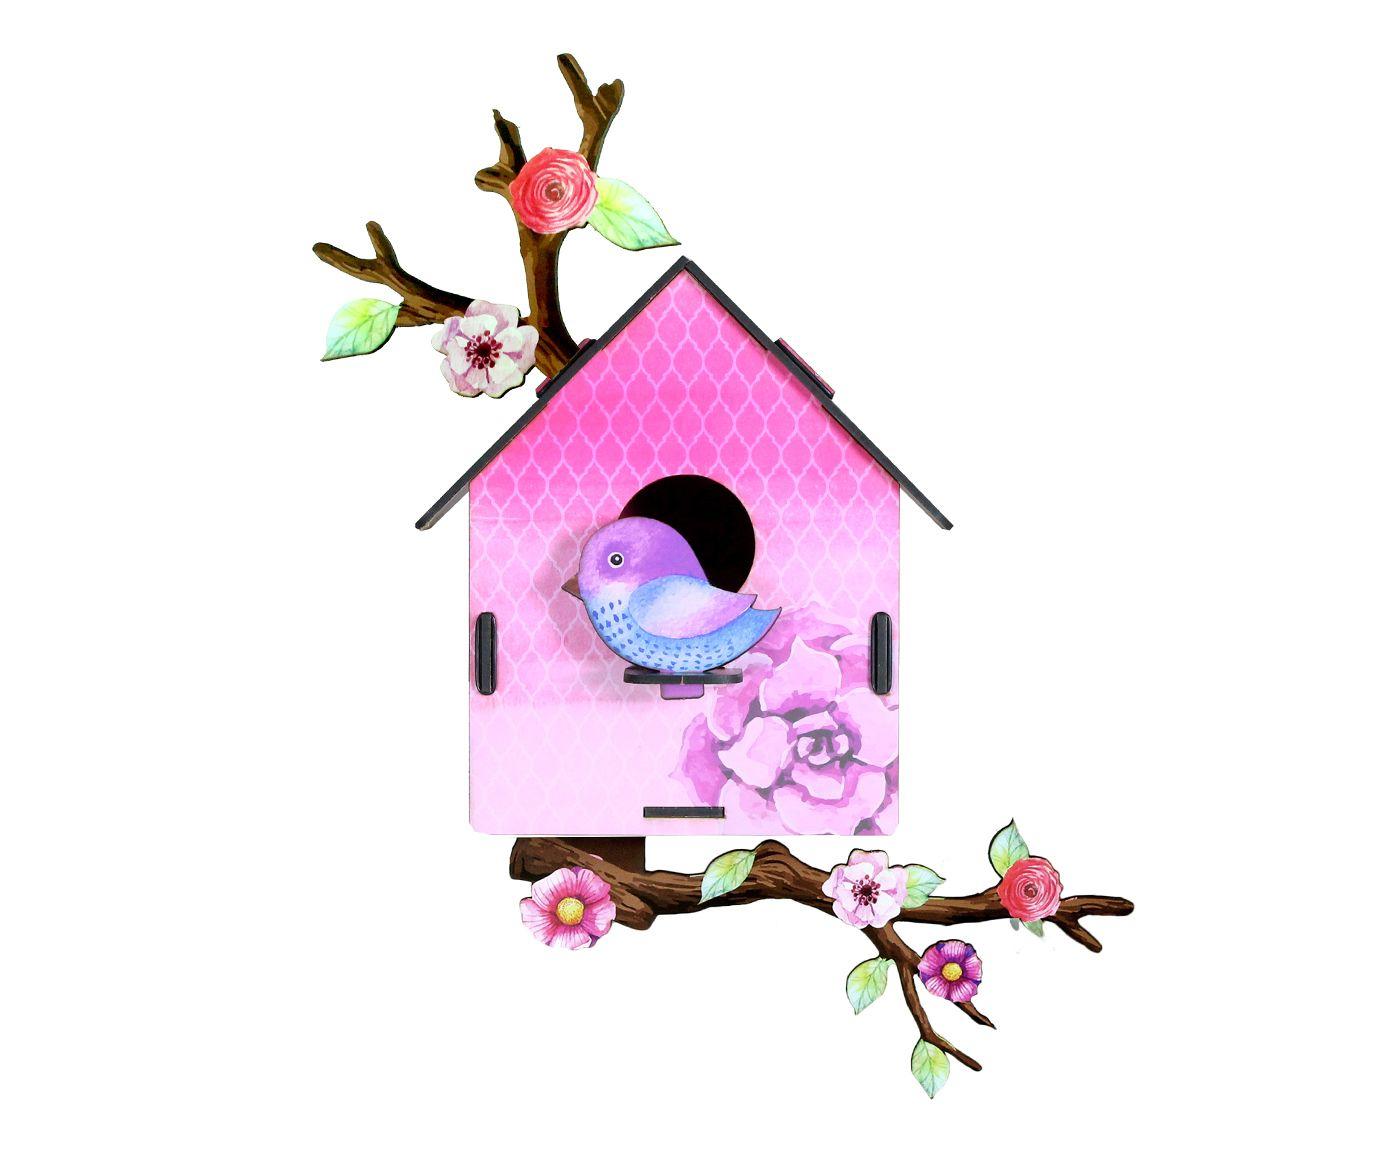 Adorno Casa de Passarinho Adele   Westwing.com.br